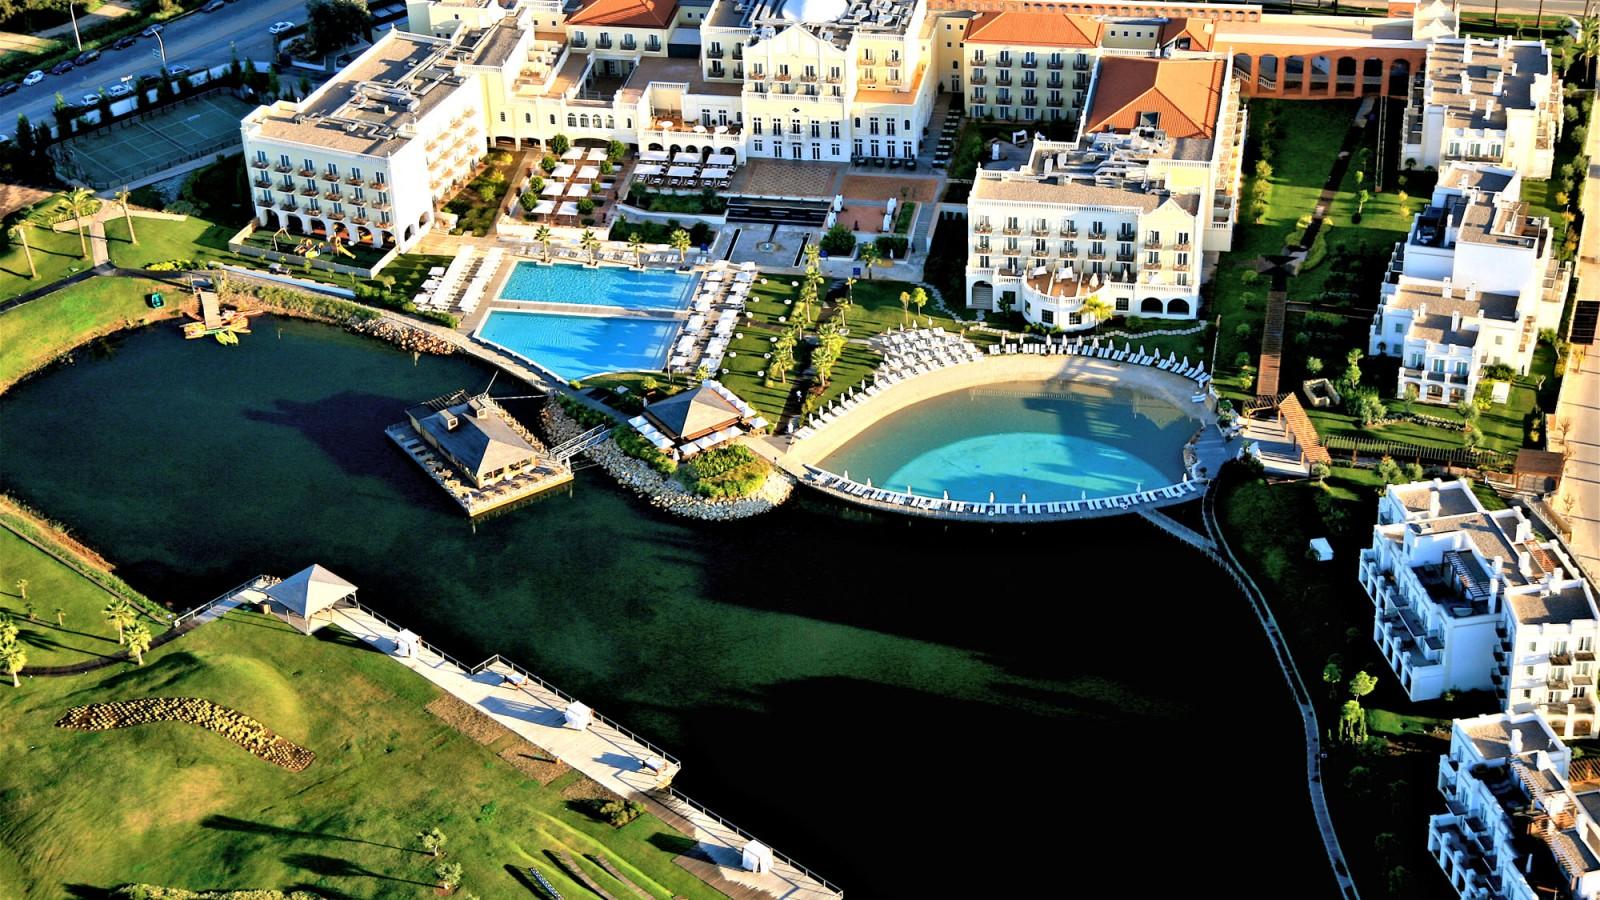 Lake Spa Resort